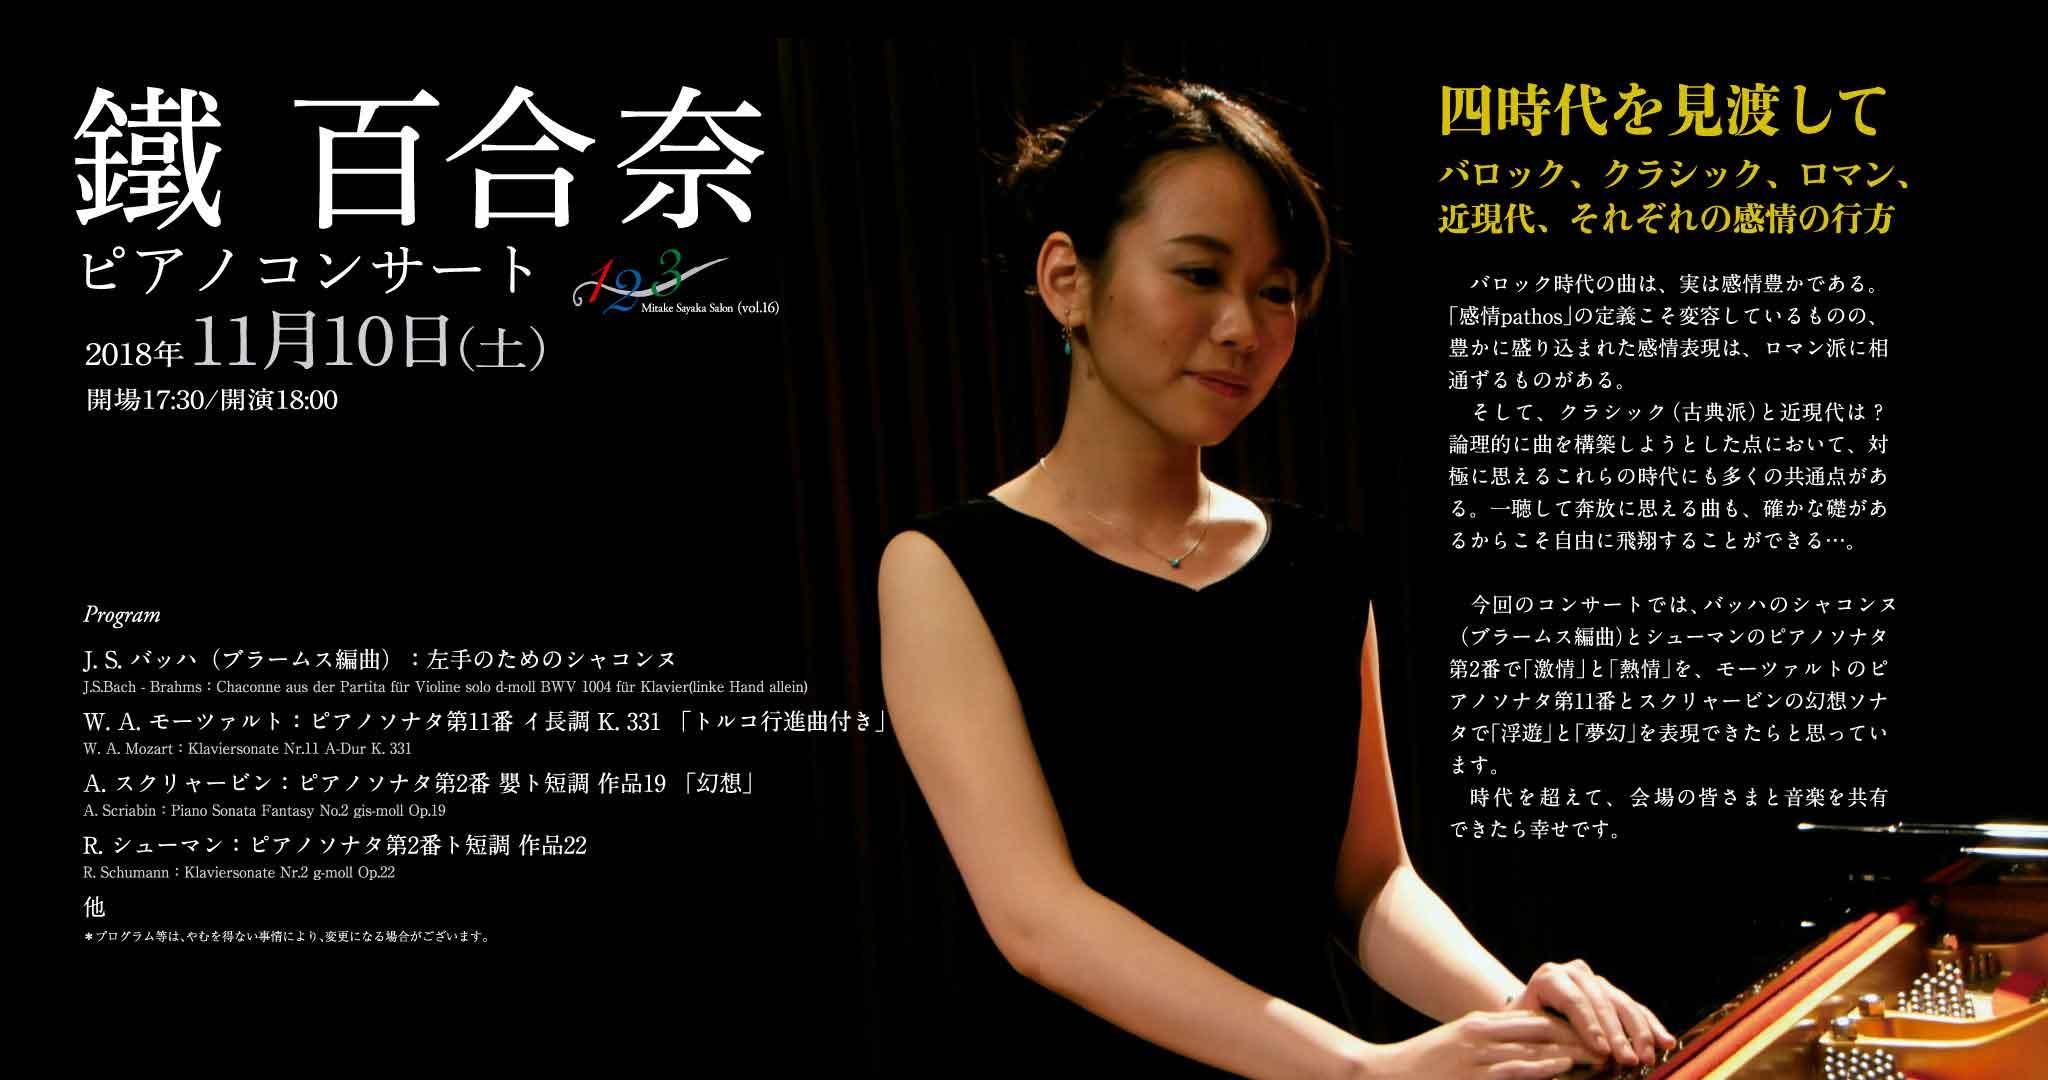 【完売】11月10日18:00~ 鐵百合奈ピアノコンサート